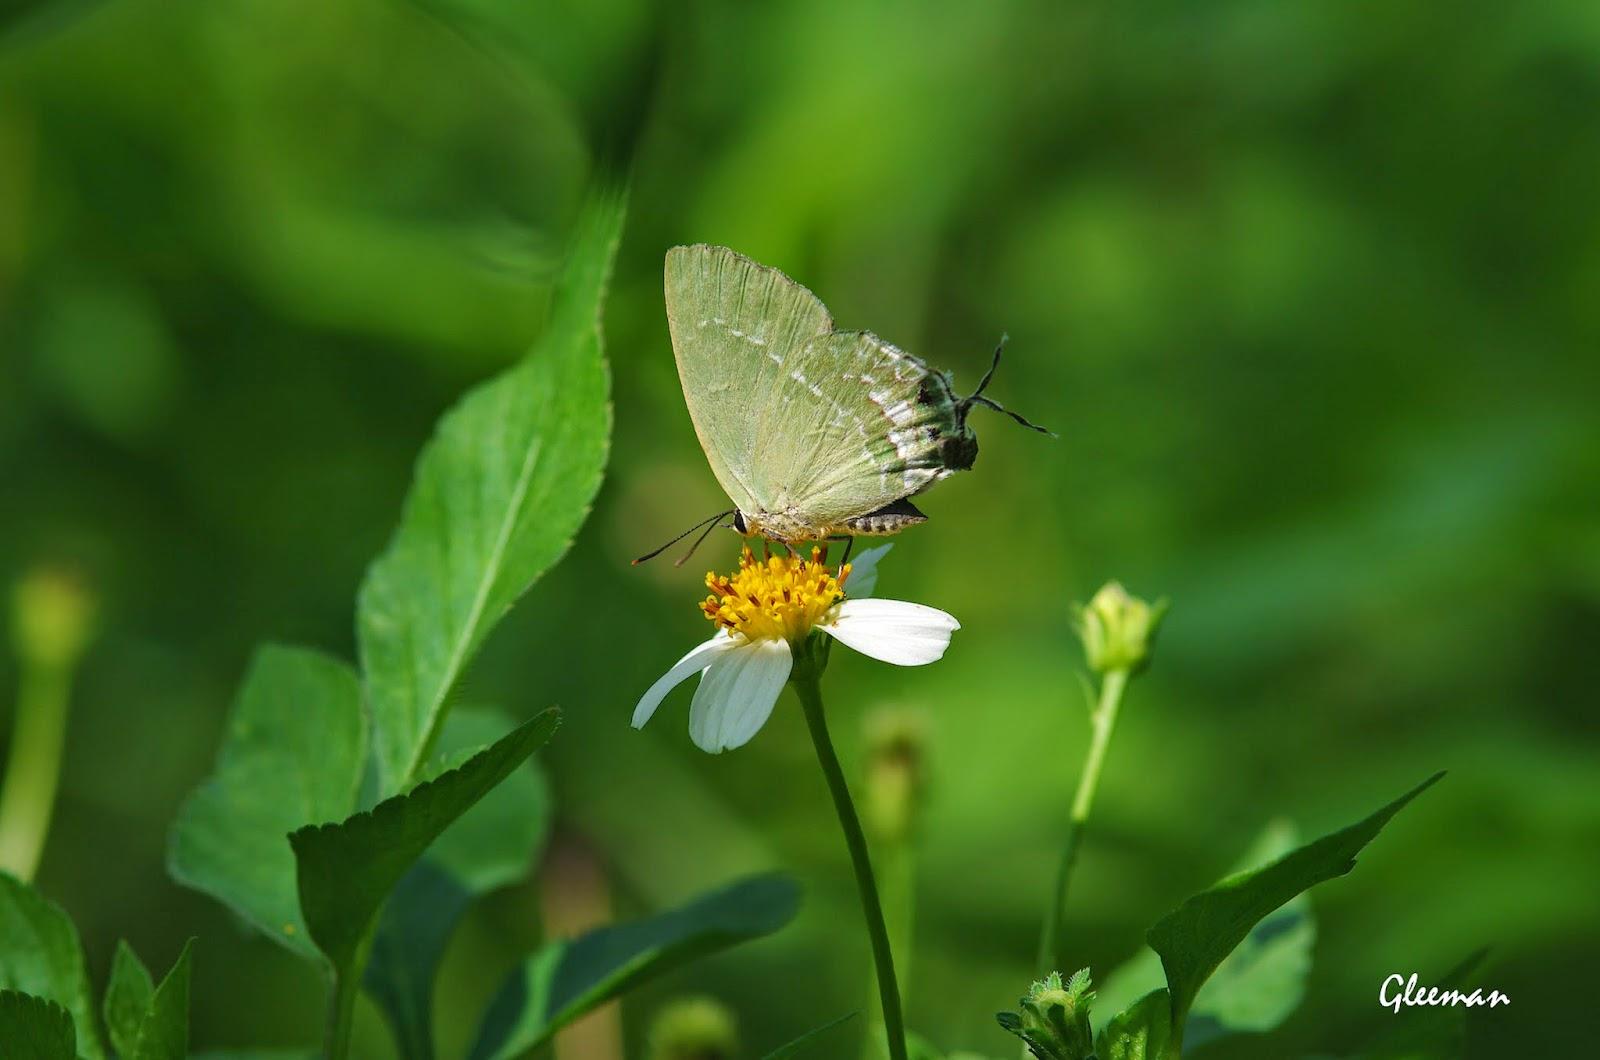 綠灰蝶於雞南山。